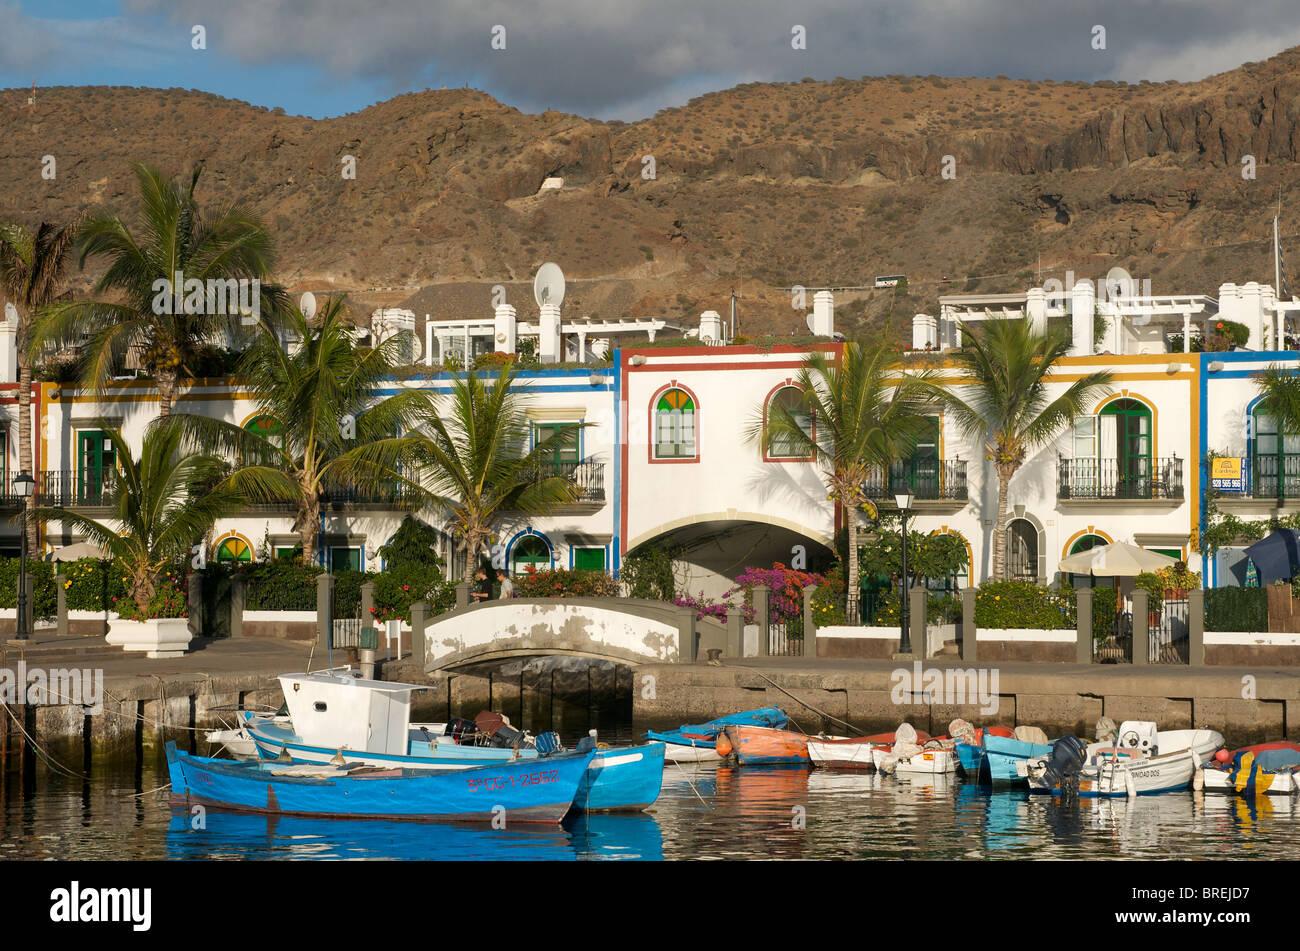 Angelboote/Fischerboote in Puerto Mogan, Gran Canaria, Kanarische Inseln, Spanien Stockbild